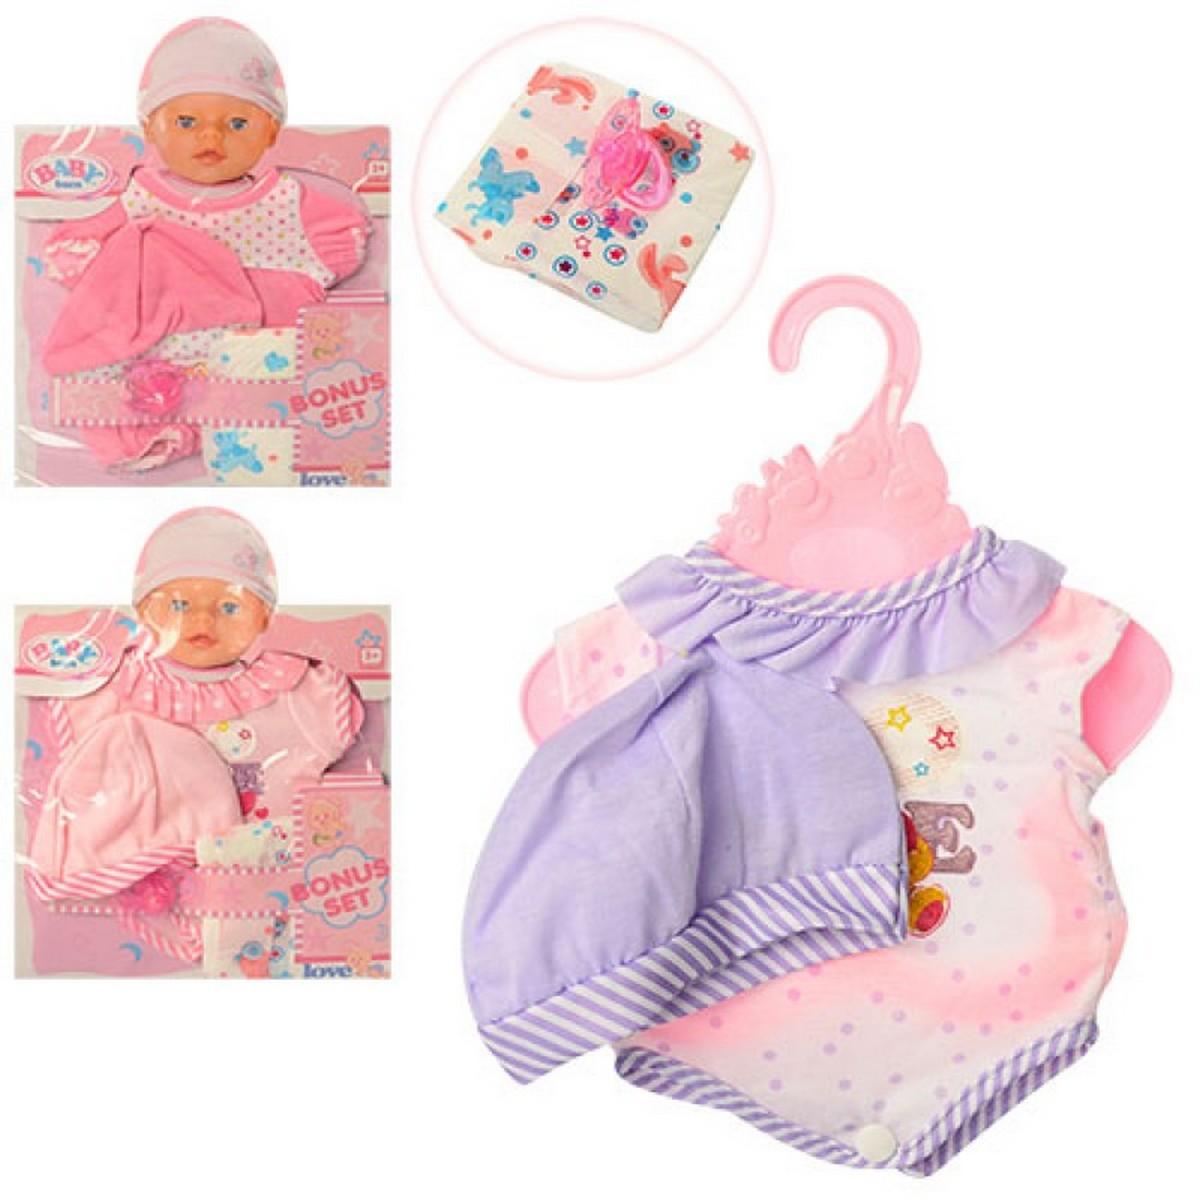 baby doll Кукольный наряд с подгузником и соской 4 вида BLC202LMN0